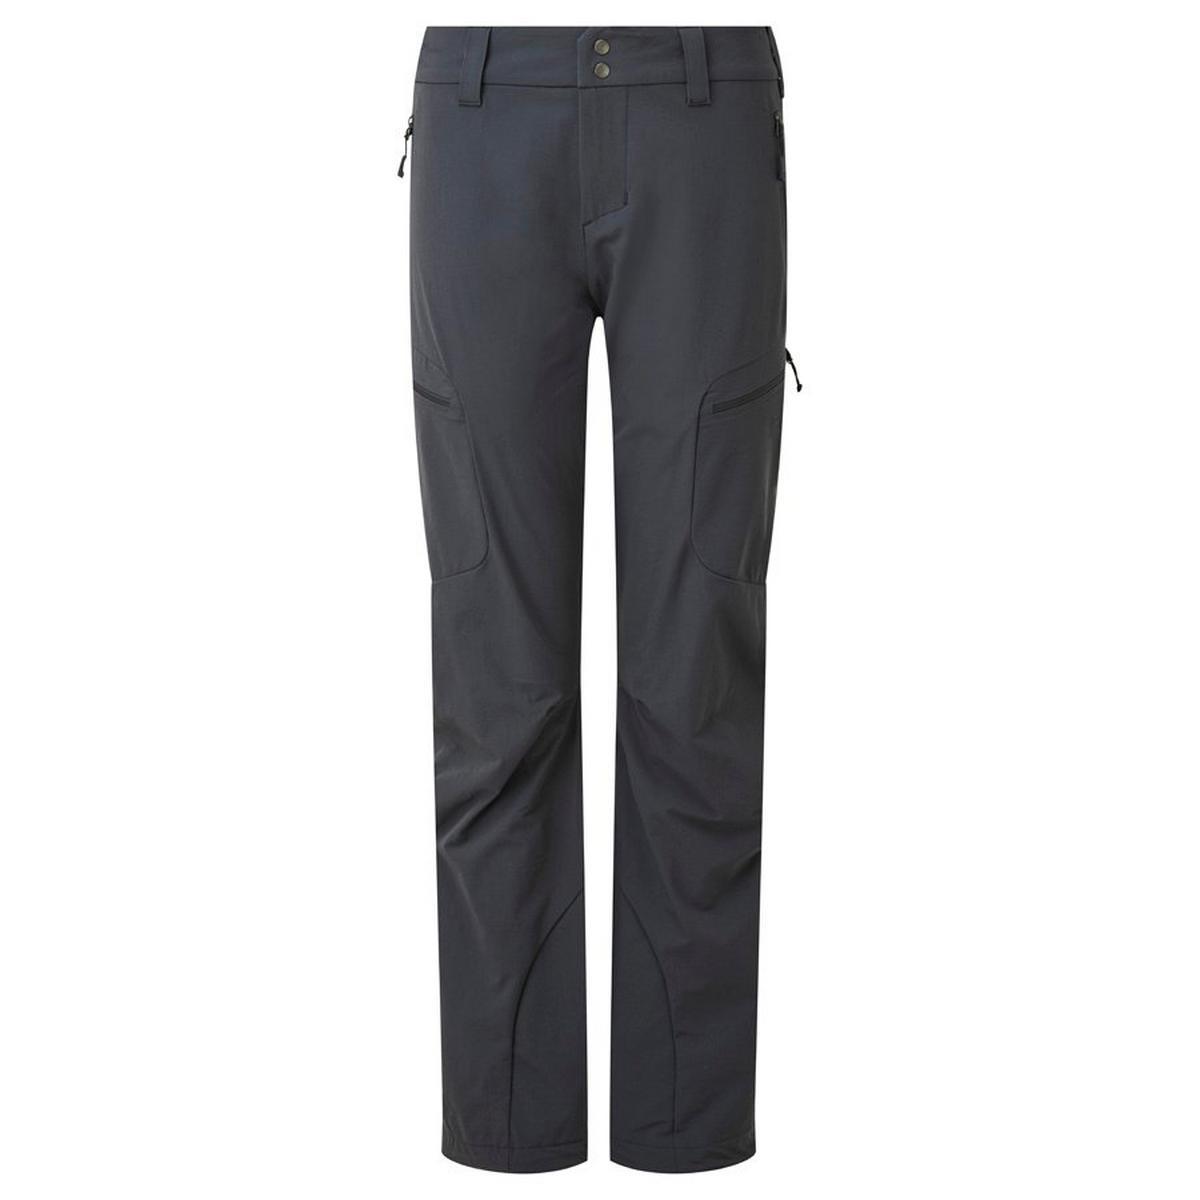 Rab Pants Women's Sawtooth REGULAR Leg Trousers Beluga